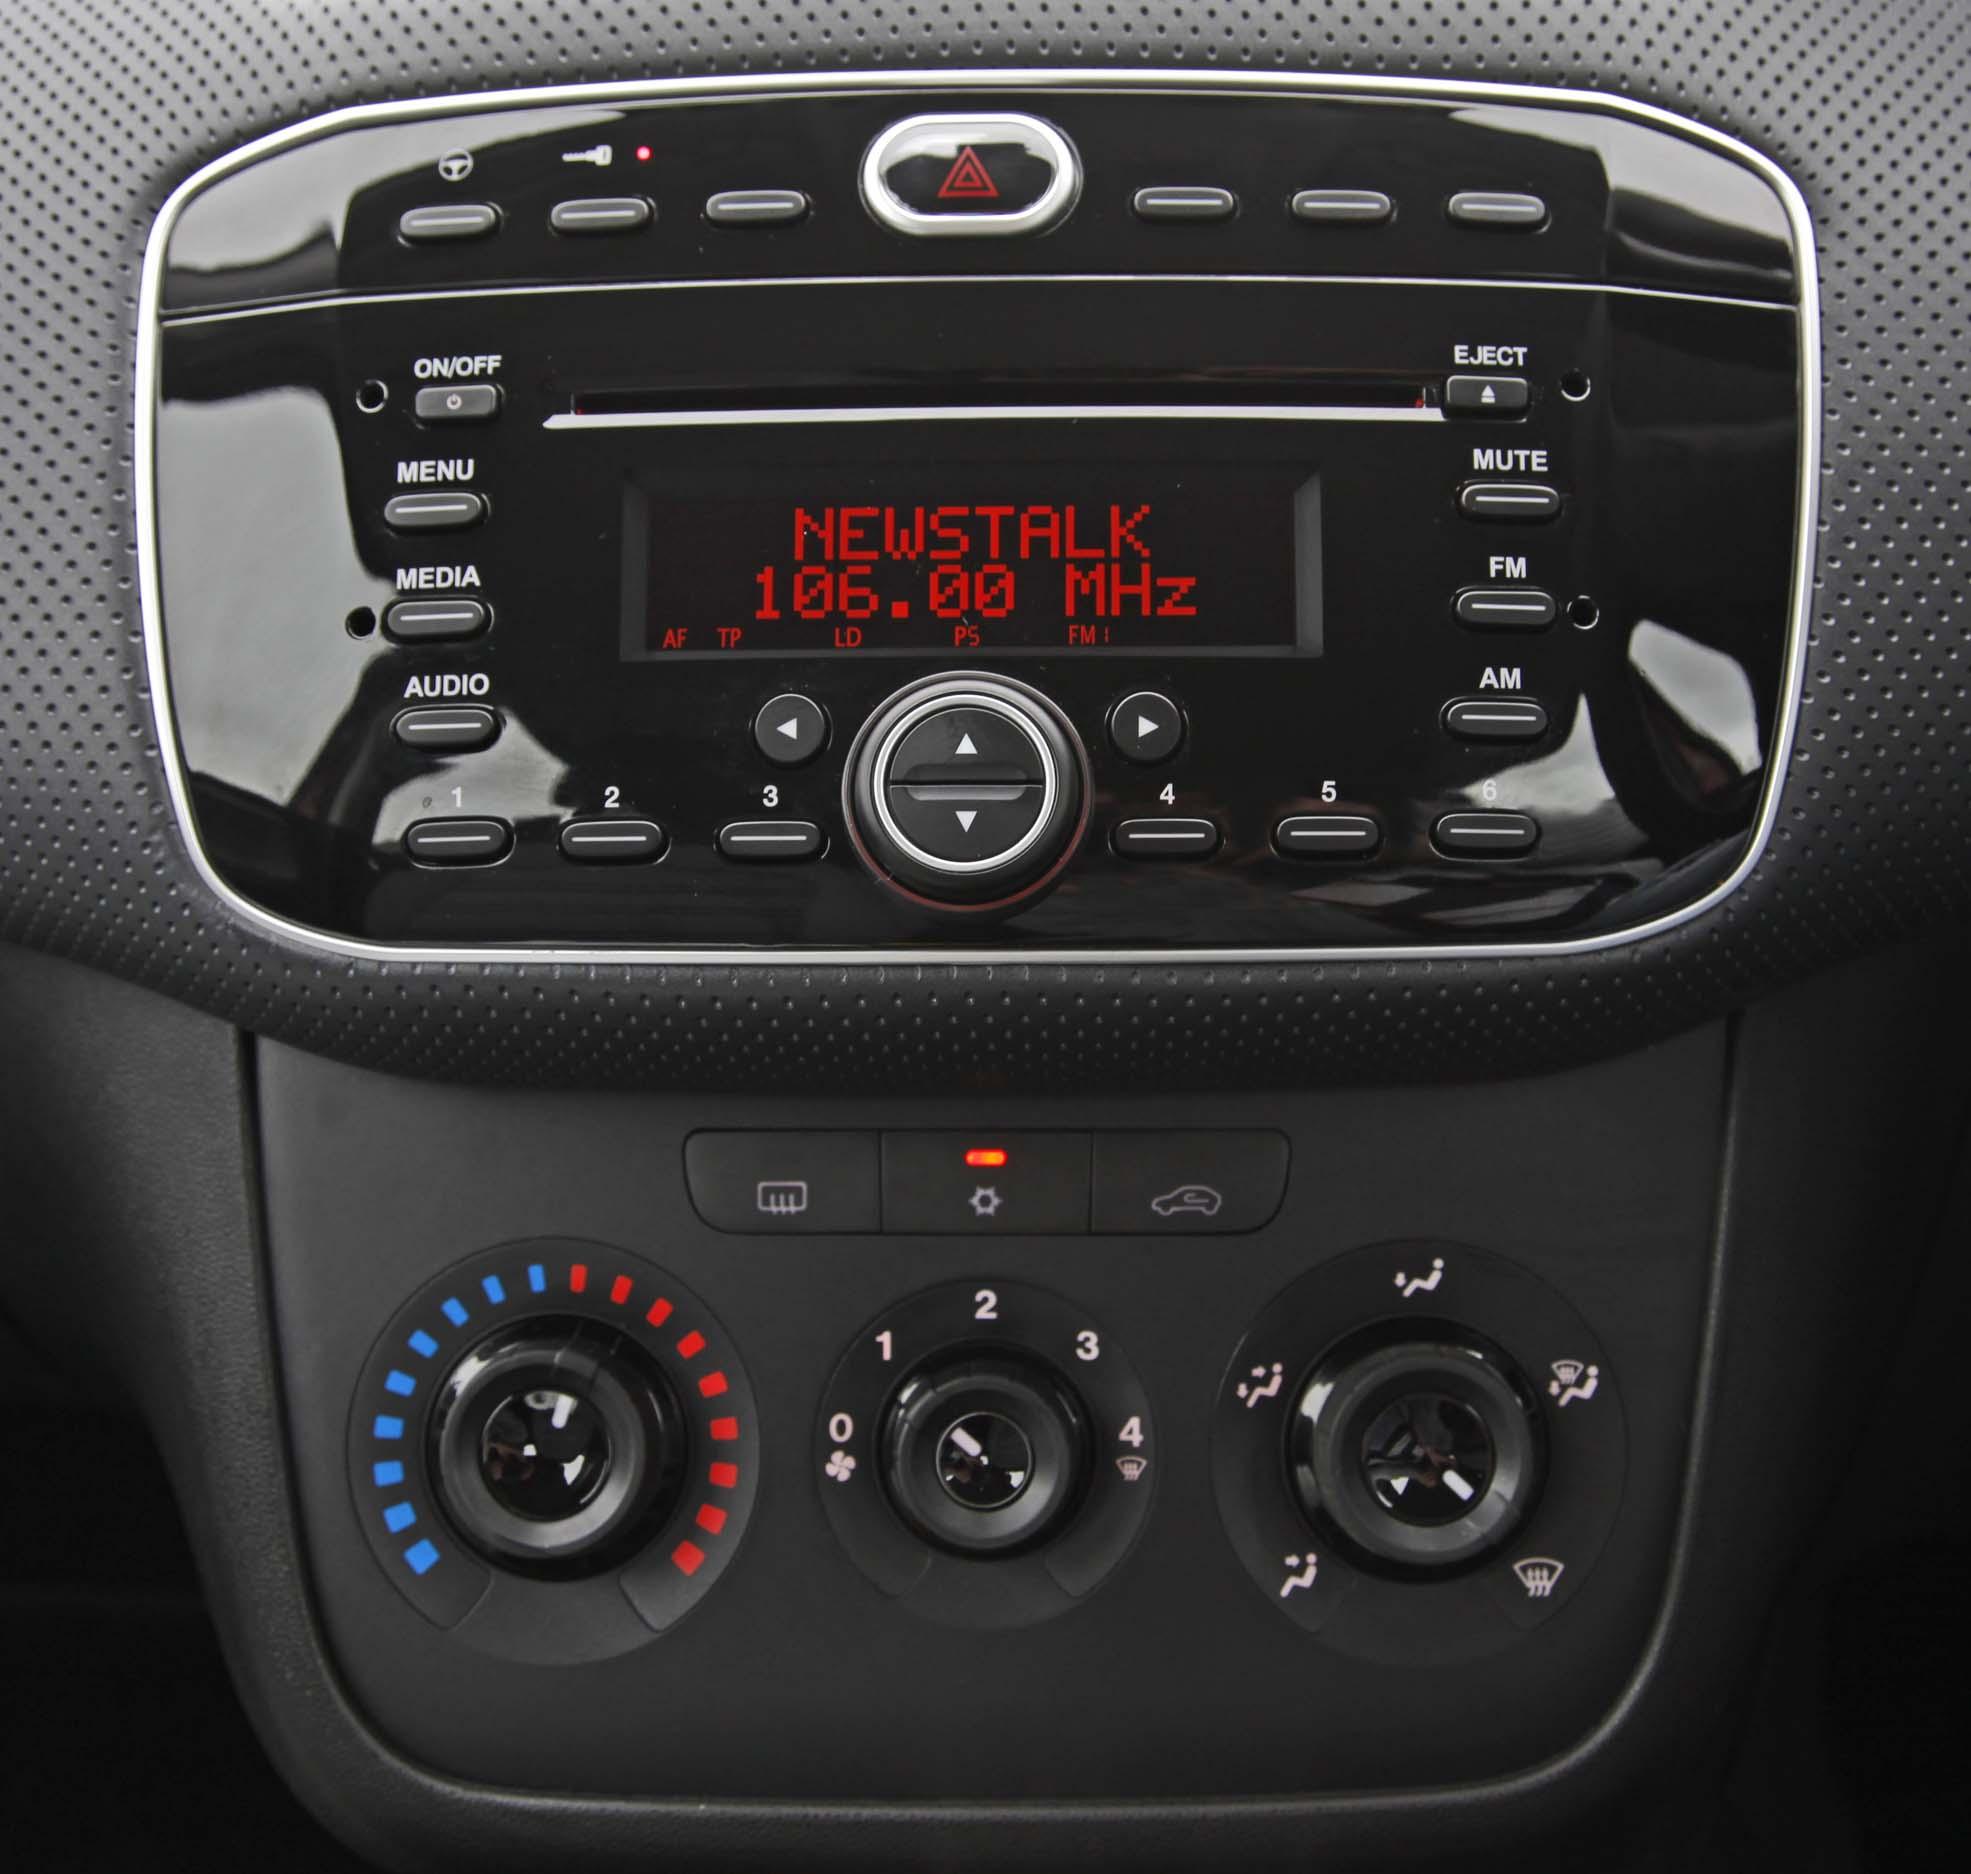 Technical: Installing touch screen unit - The FIAT Forum on fiat doblo, fiat spider, fiat cinquecento, fiat stilo, fiat ritmo, fiat coupe, fiat multipla, fiat linea, fiat 500l, fiat barchetta, fiat seicento, fiat cars, fiat bravo, fiat panda, fiat 500 abarth, fiat 500 turbo, fiat marea, fiat x1/9,